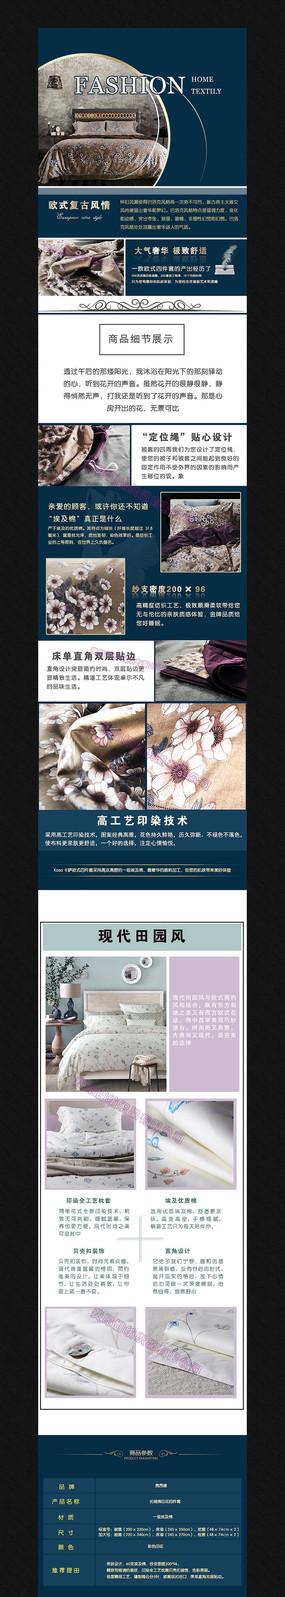 淘宝家纺细节描述图素材